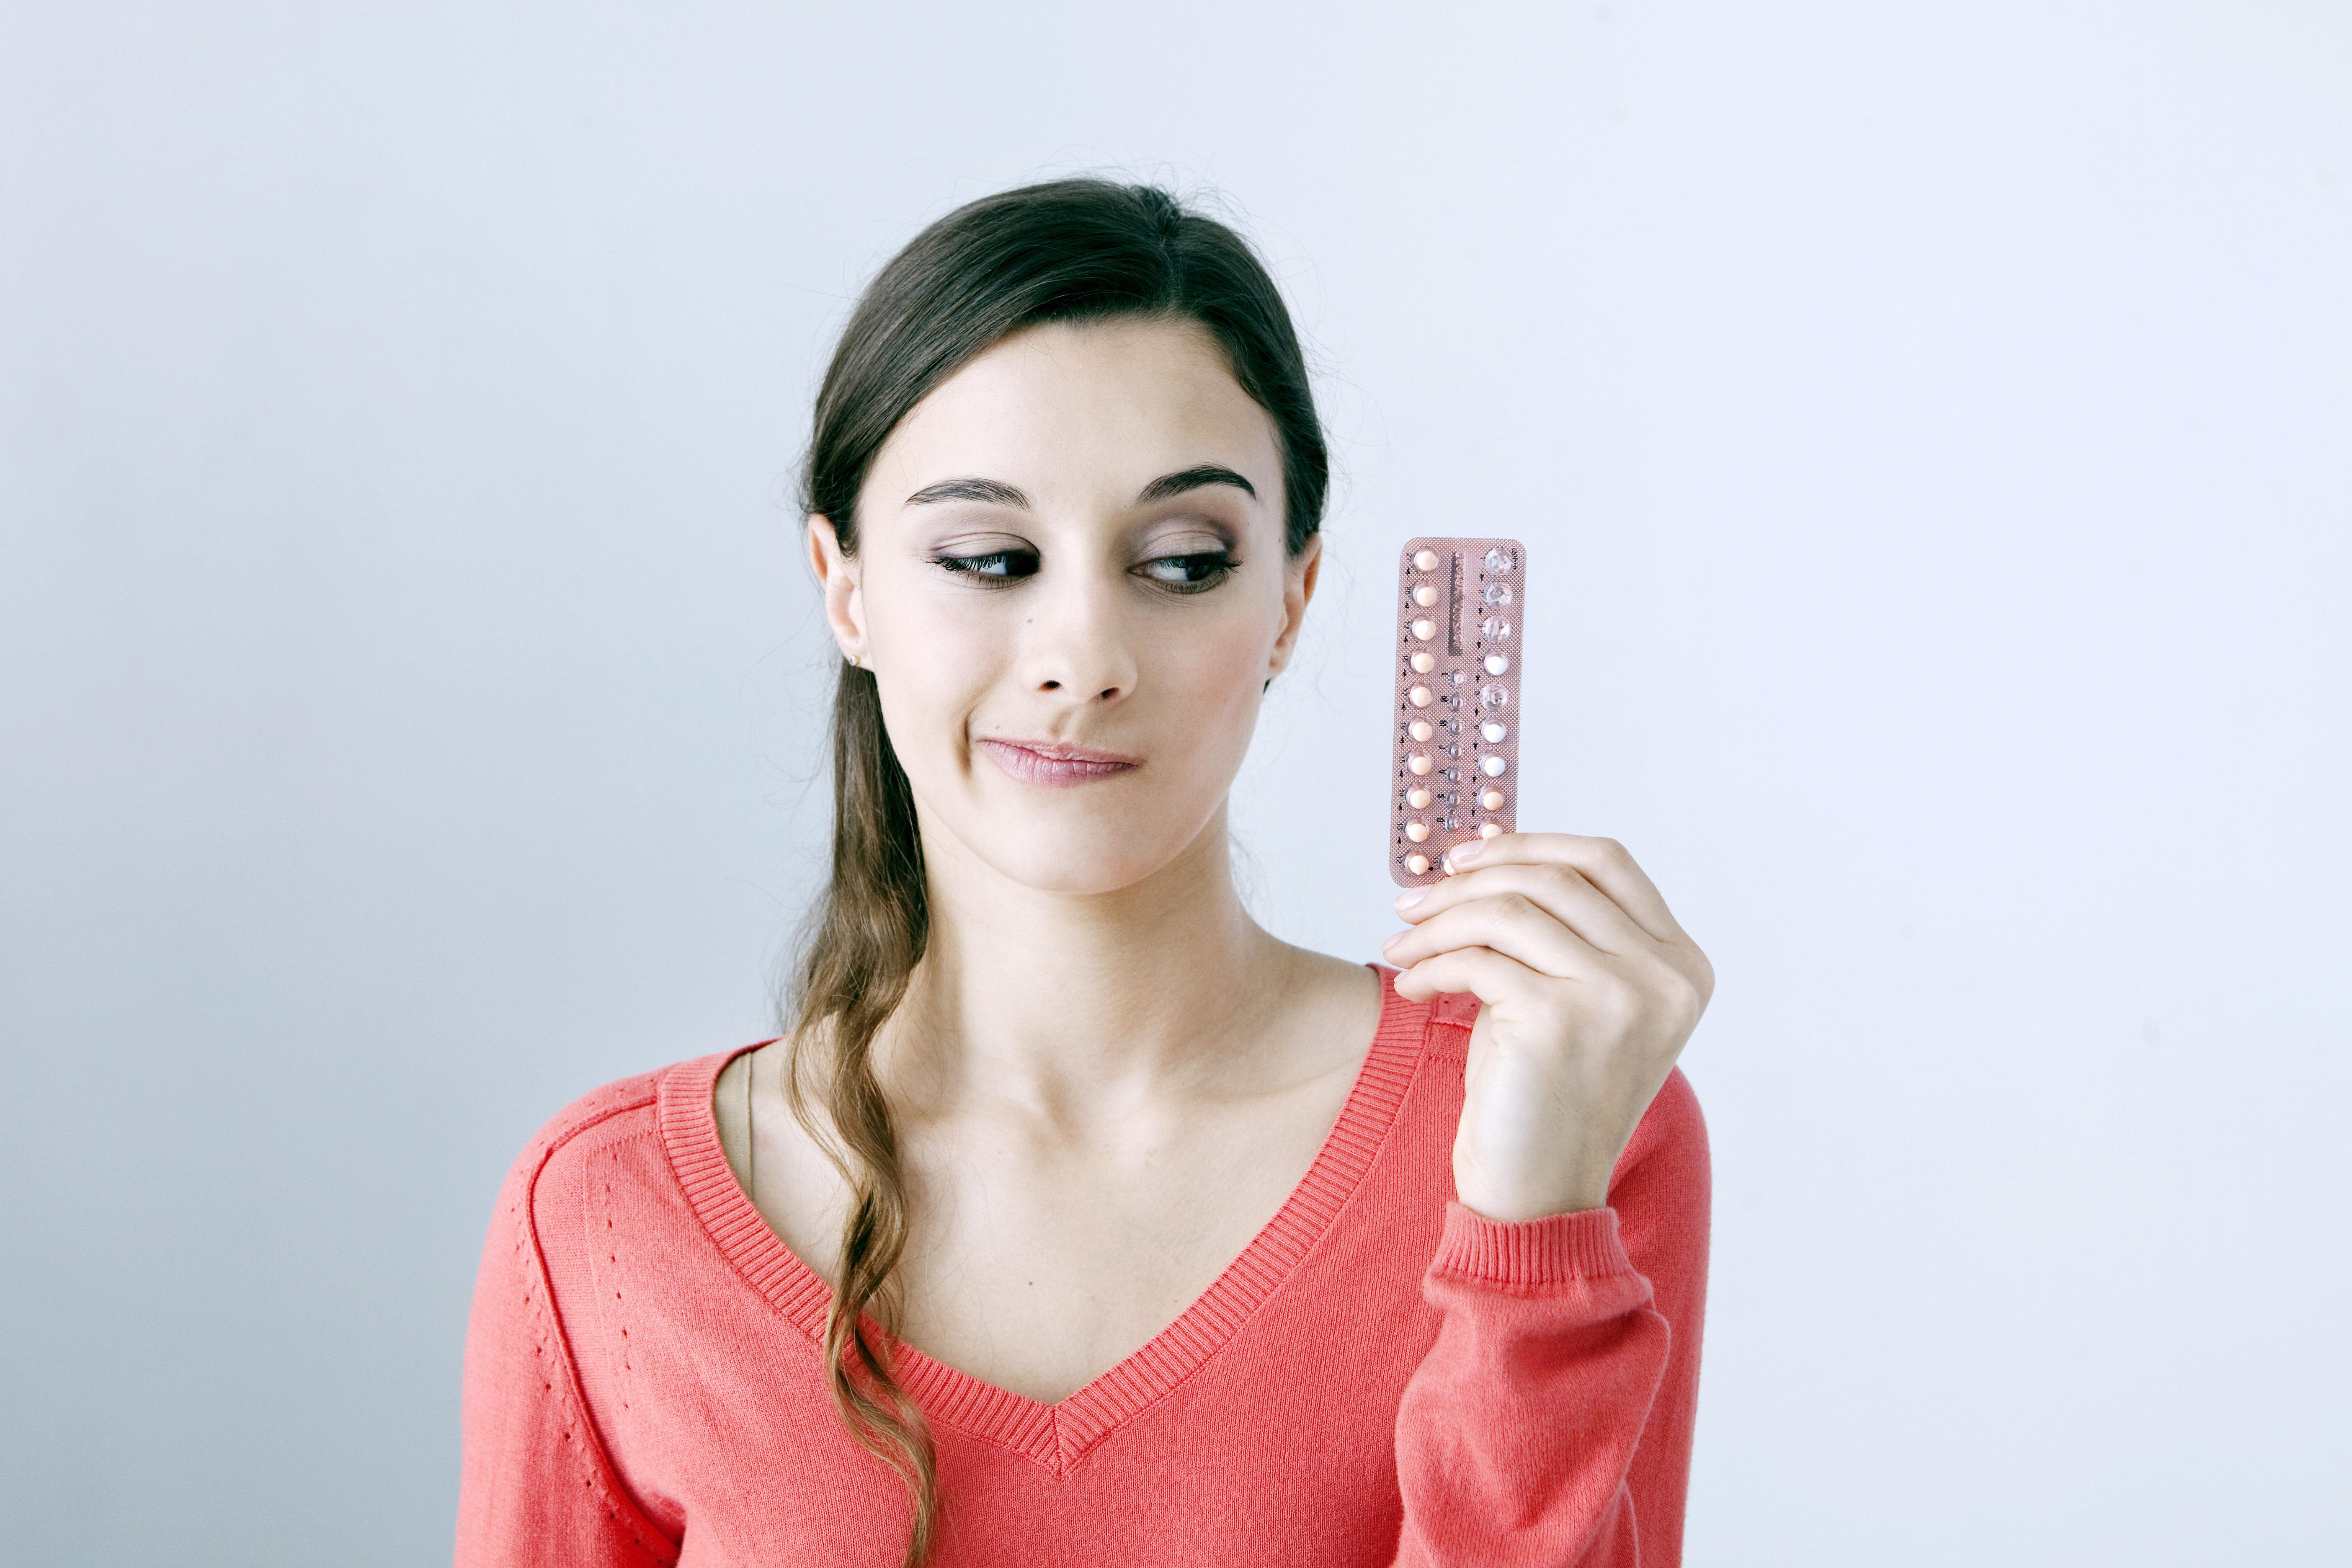 Fortsatt forskning på området bör fokusera på de kvinnor som upplever att de påverkas negativt av hormonella preventivmedel.